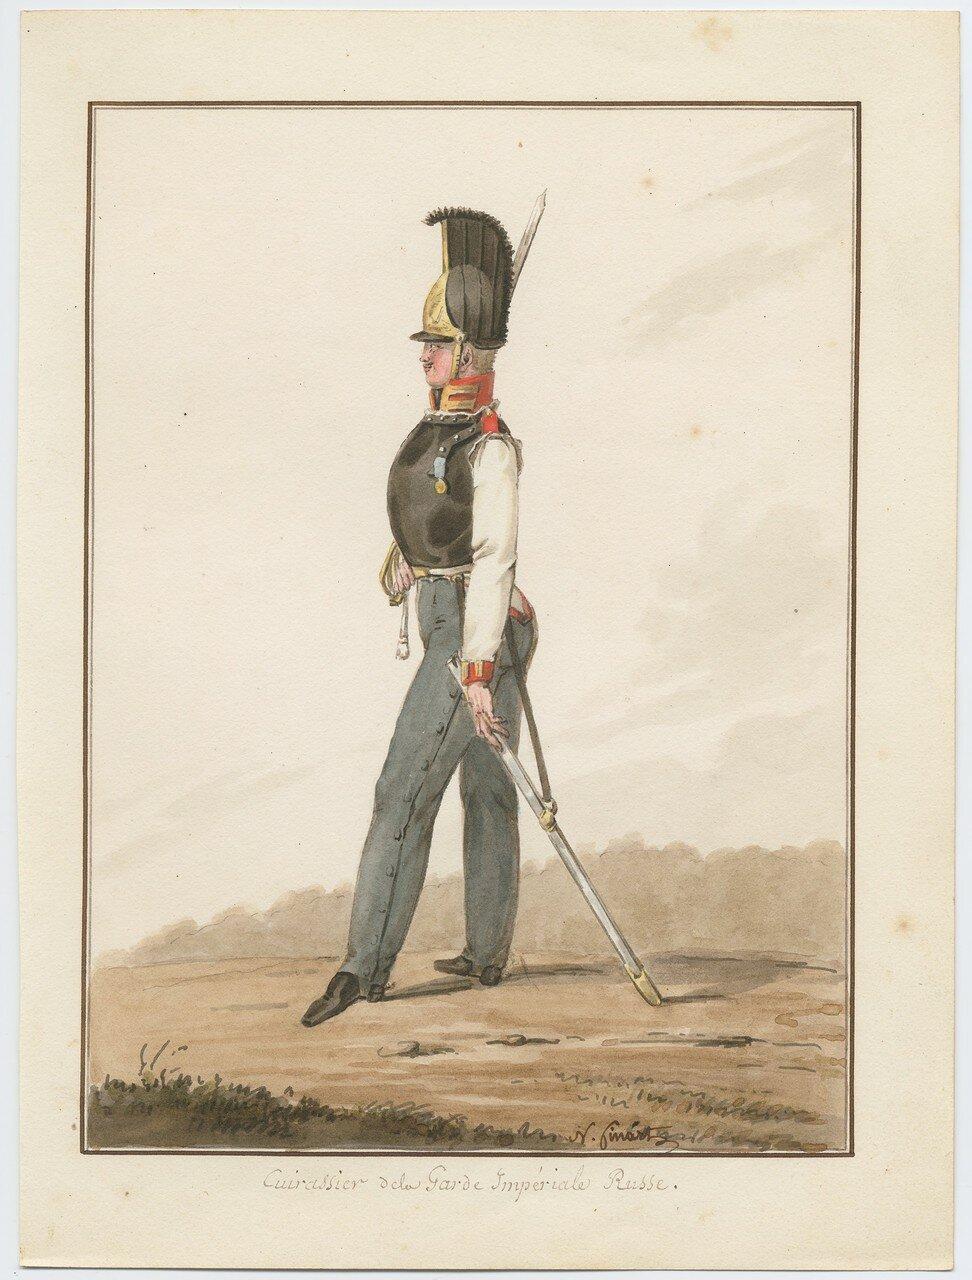 Кирасир русской императорской гвардии, 1815